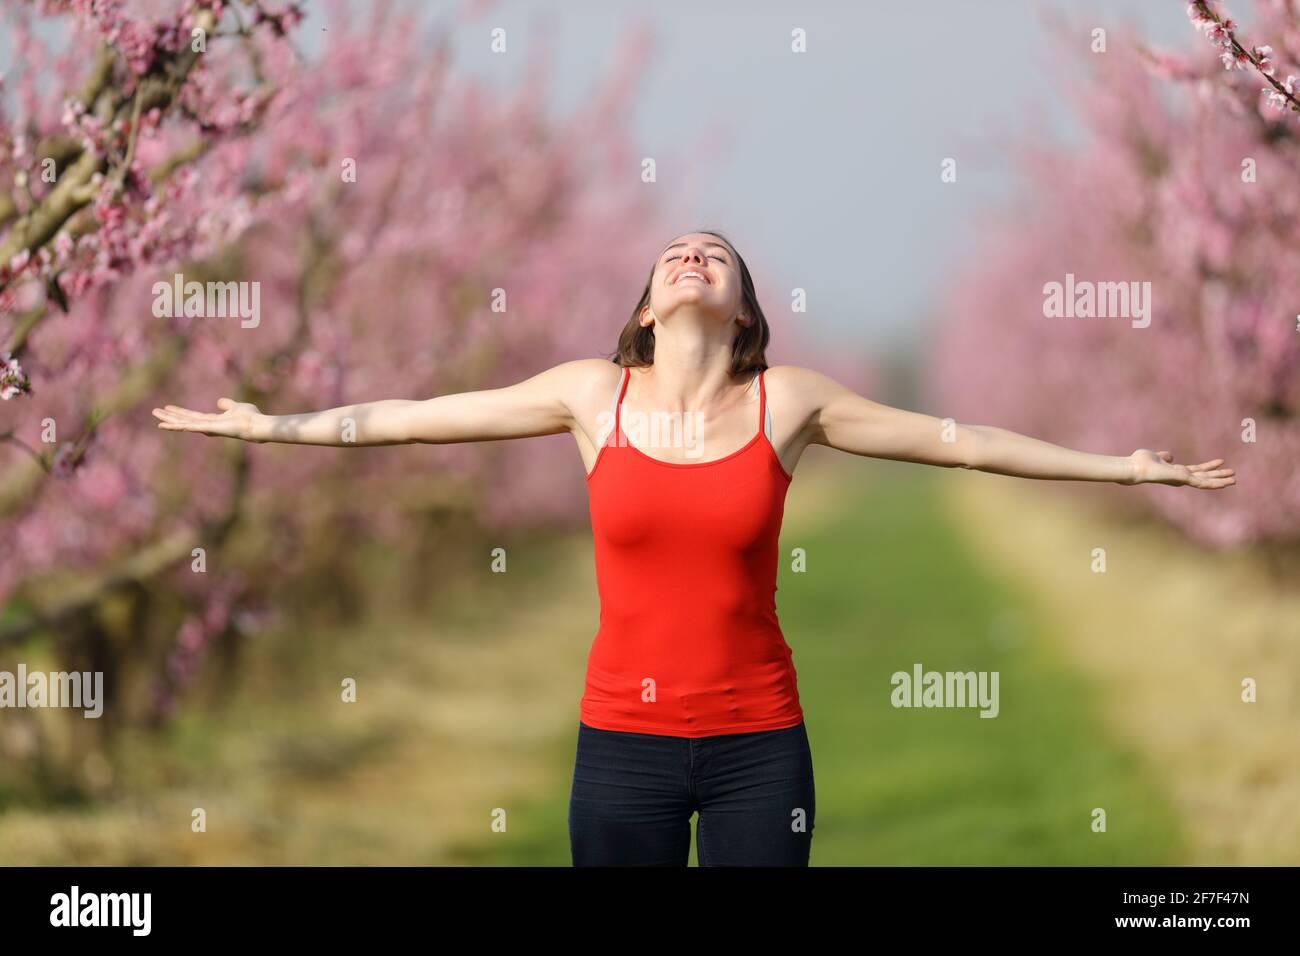 Portrait d'une femme excitée célébrant les étirements du printemps bras dans un champ fleuri Banque D'Images